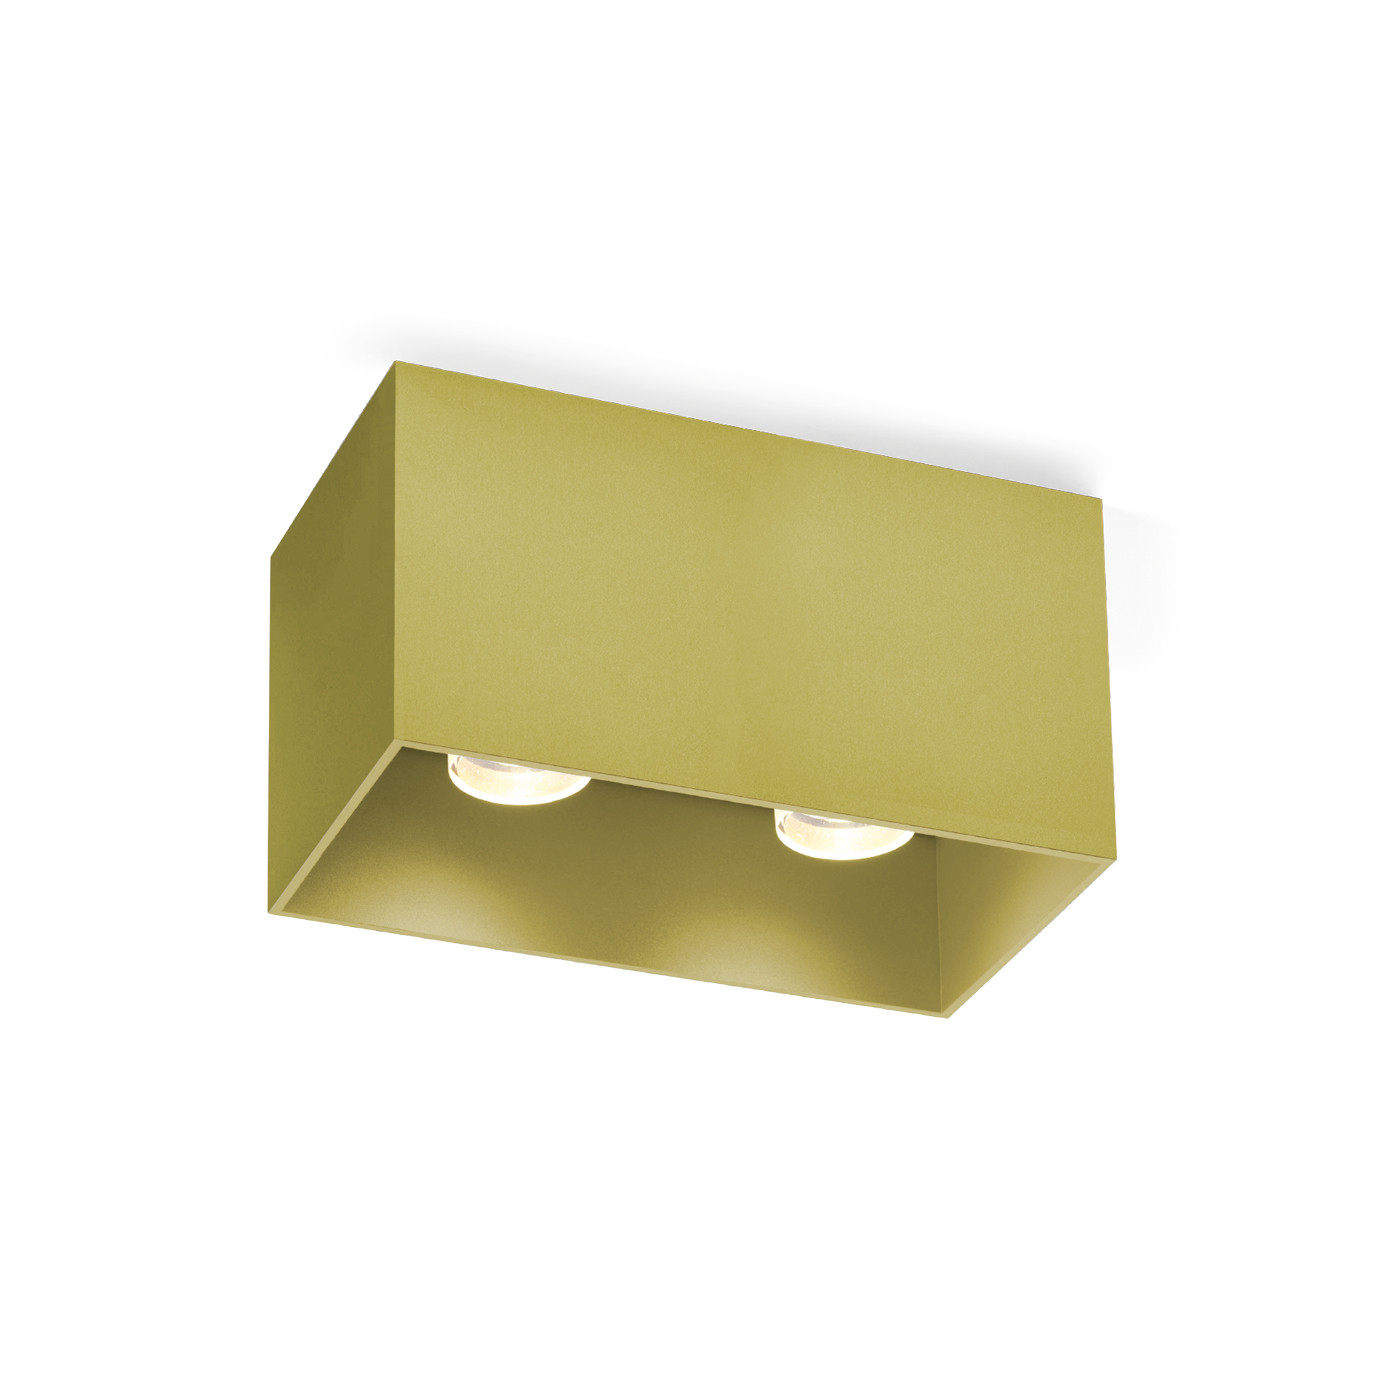 Wever & Ducré Box 2.0 Plafonnier 2700K